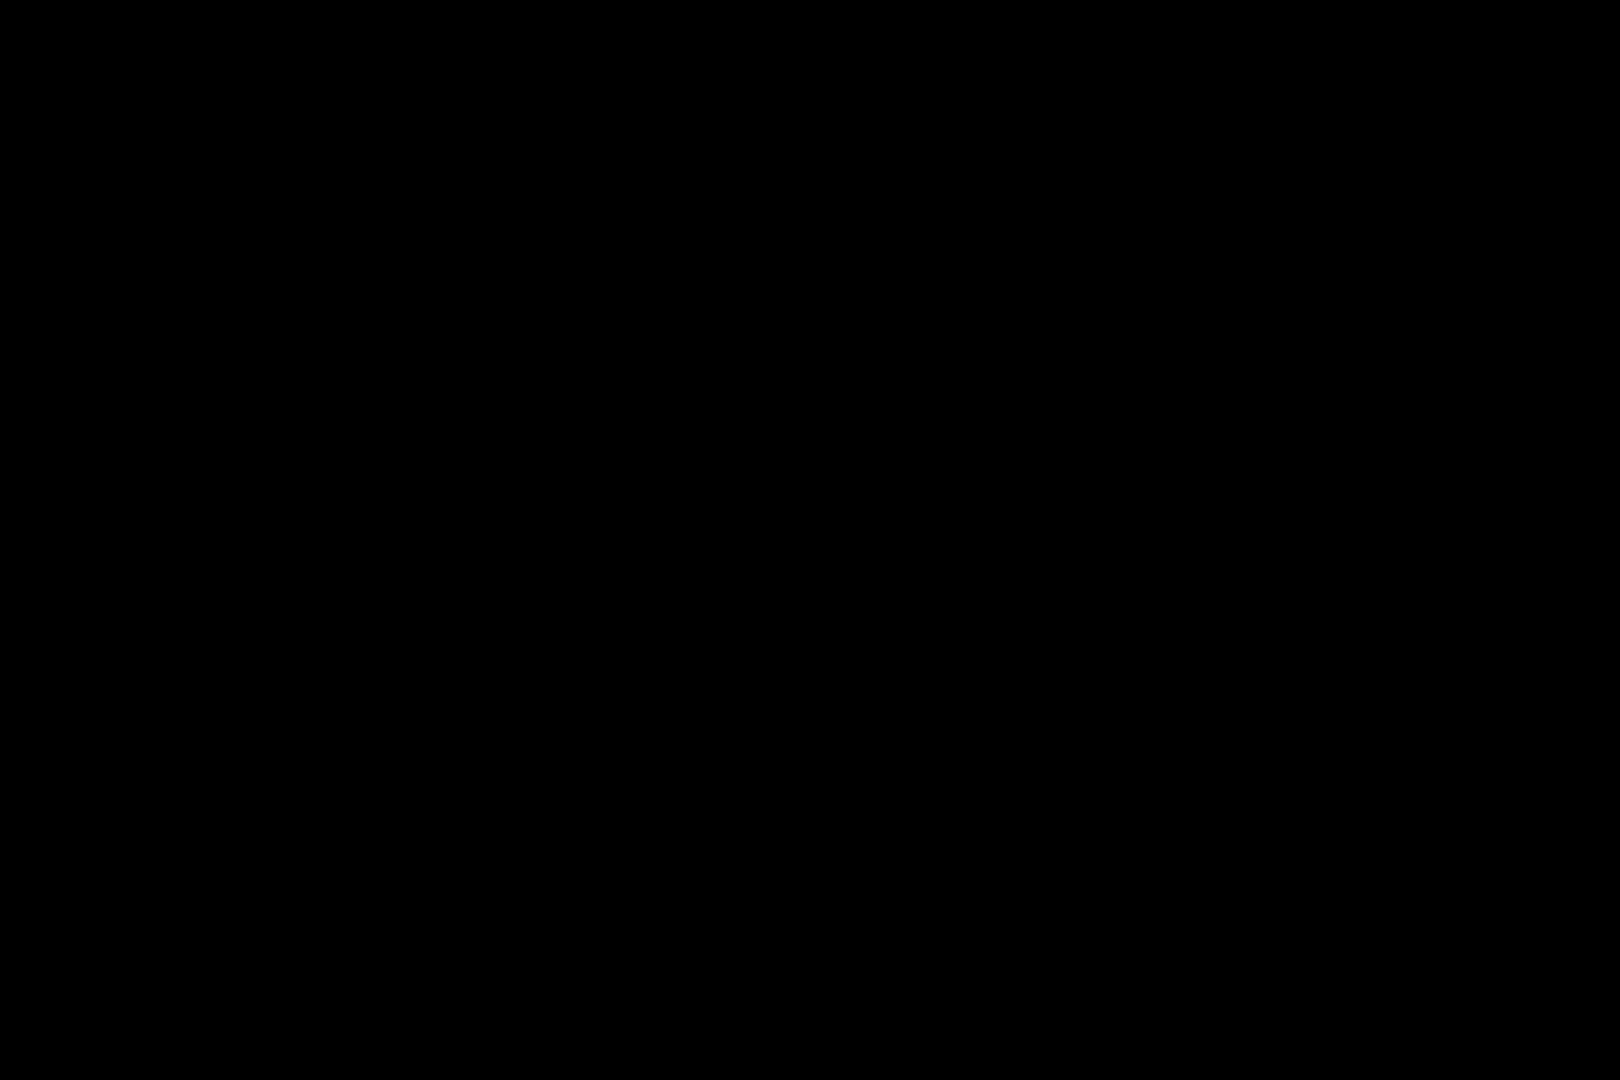 充血監督の深夜の運動会Vol.32 手マン オメコ無修正動画無料 66画像 41